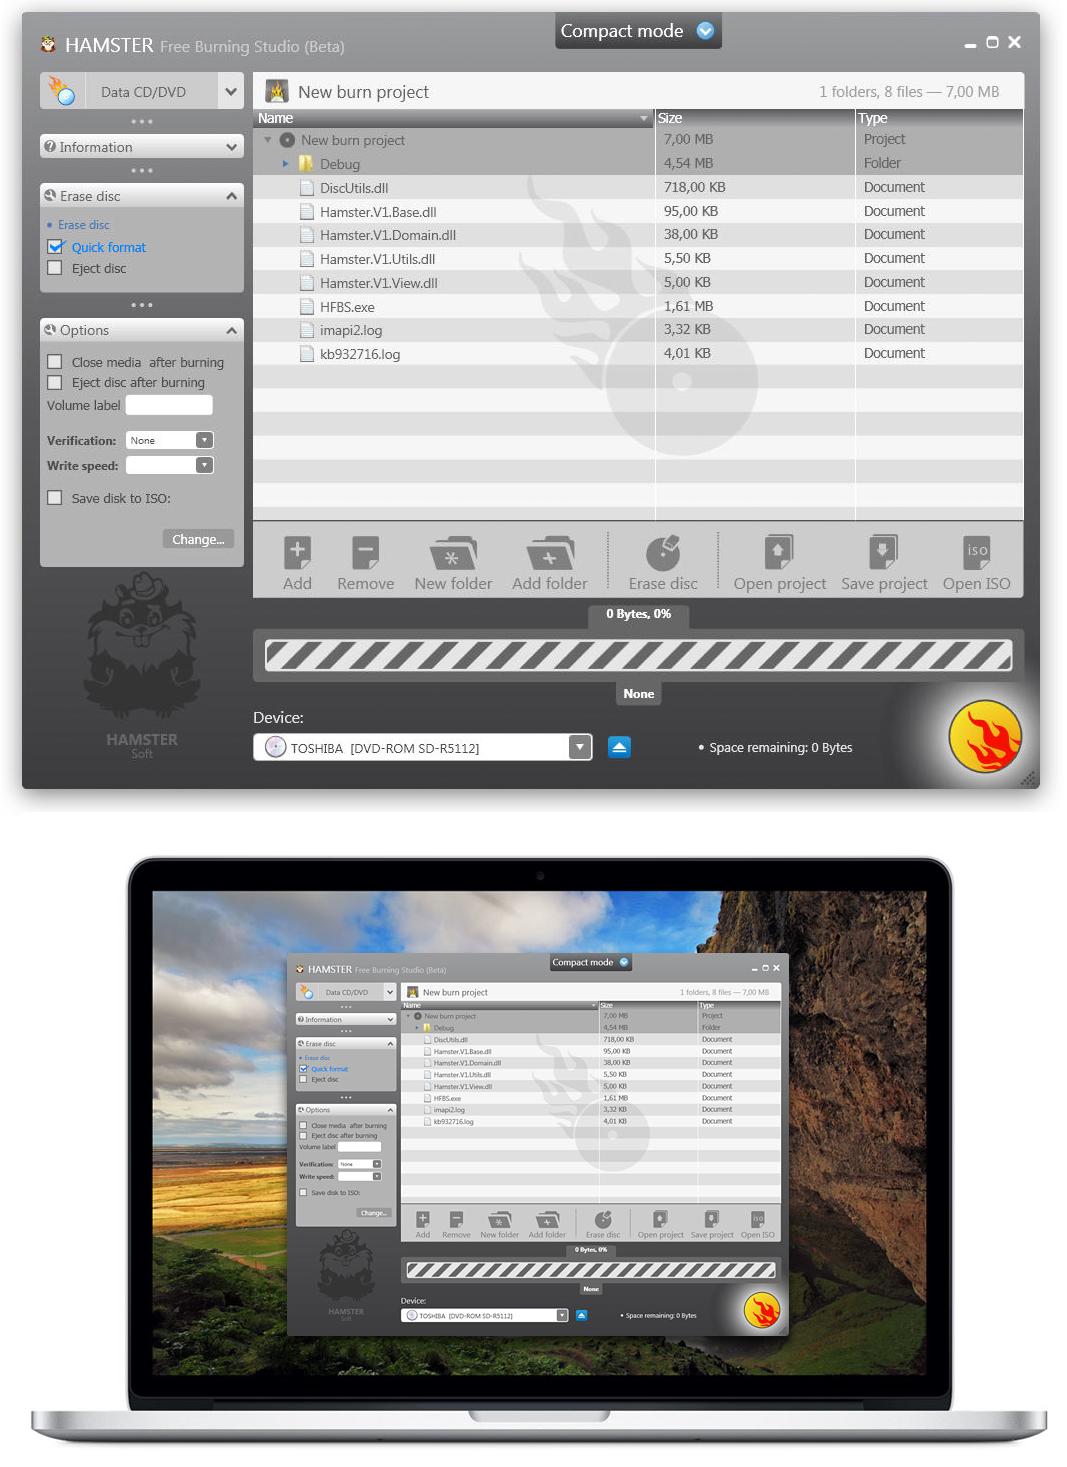 Разработка 10 готовых продуктов для компании HamsterSoft (Архиваторы, конвертеры, инсталяторы и т.д.)